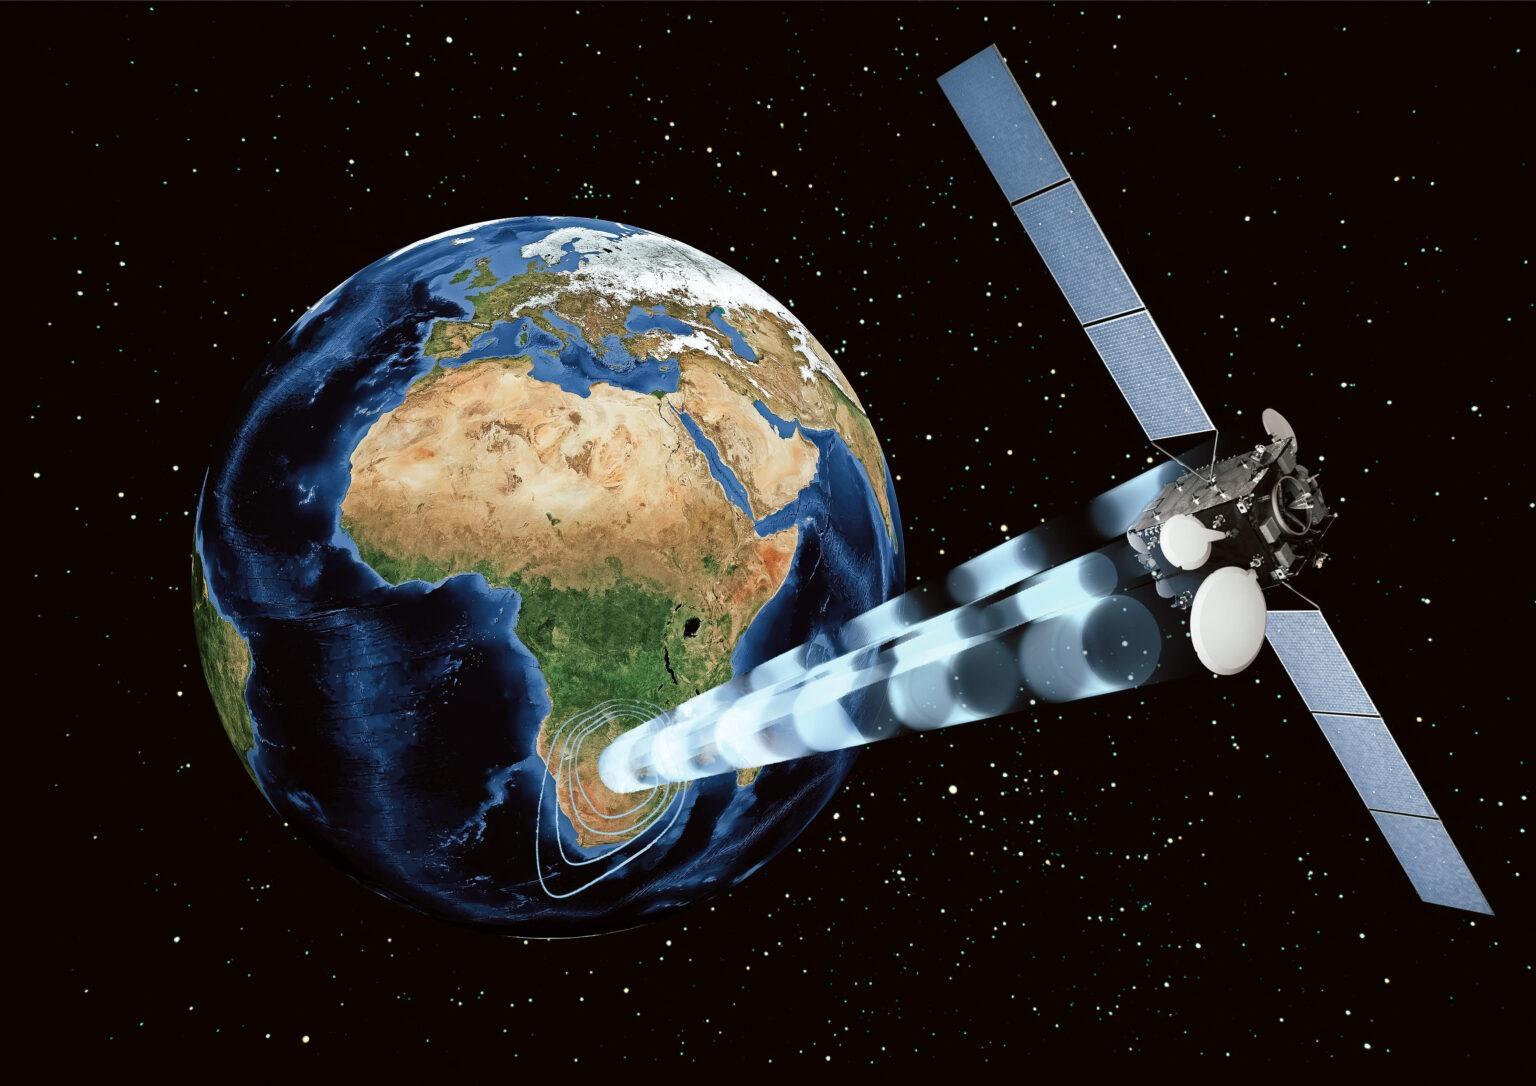 Các chính phủ châu Phi đang tìm cách thu hẹp khoảng cách về kết nối mạng do nhu cầu ngày càng tăng đối với Internet tốc độ cao và giá rẻ. Ảnh: Africa News